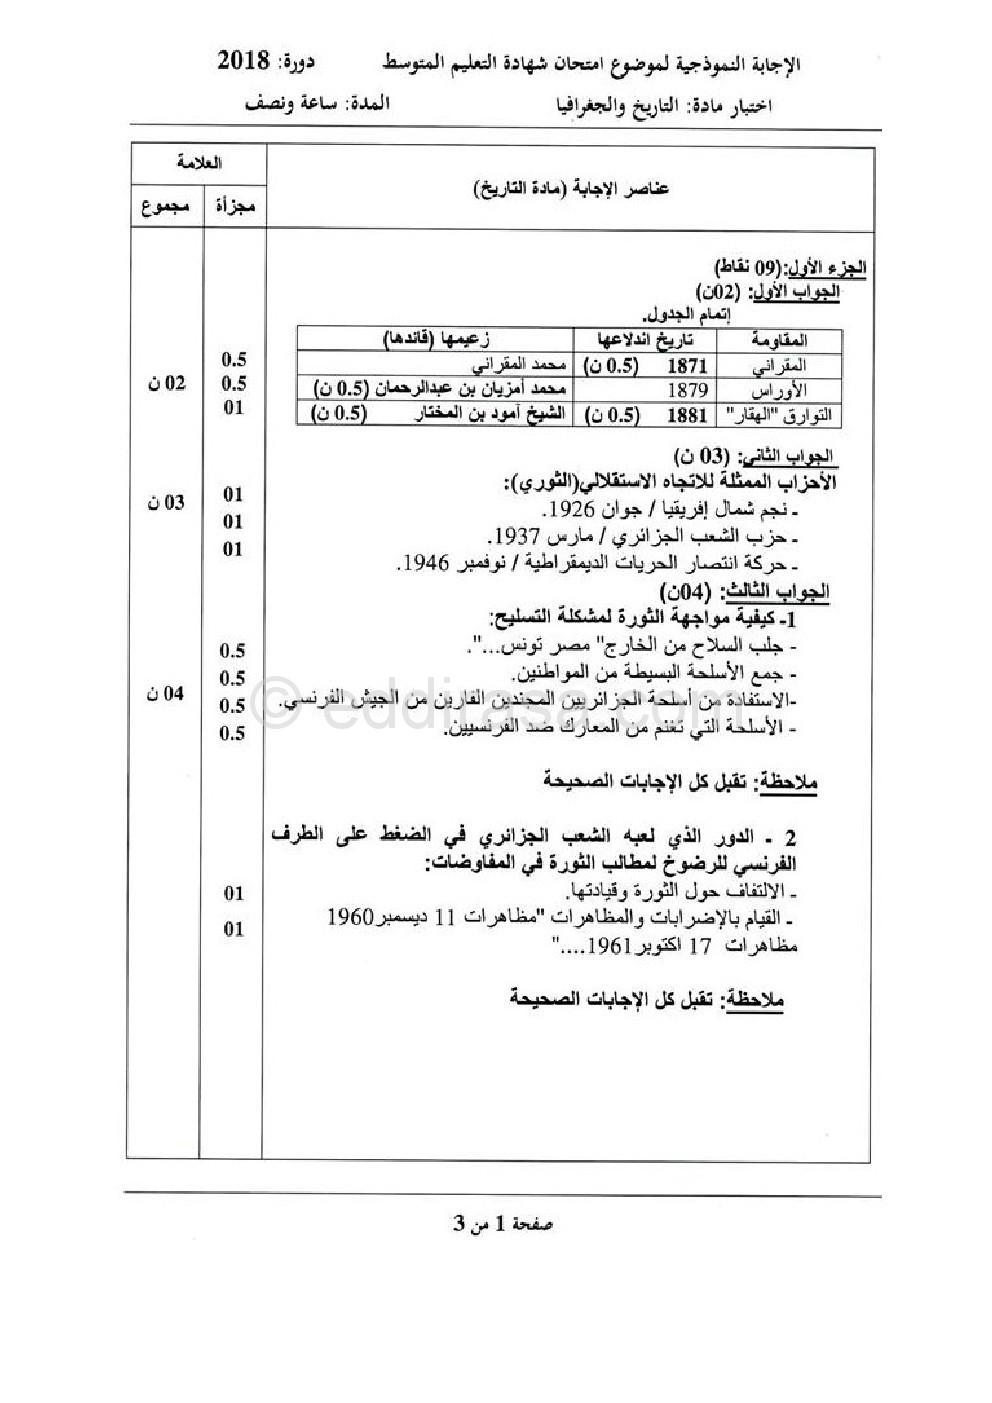 امتحان شهادة تعليم المتوسط التاريخ و الجغرافيا 2018 0001